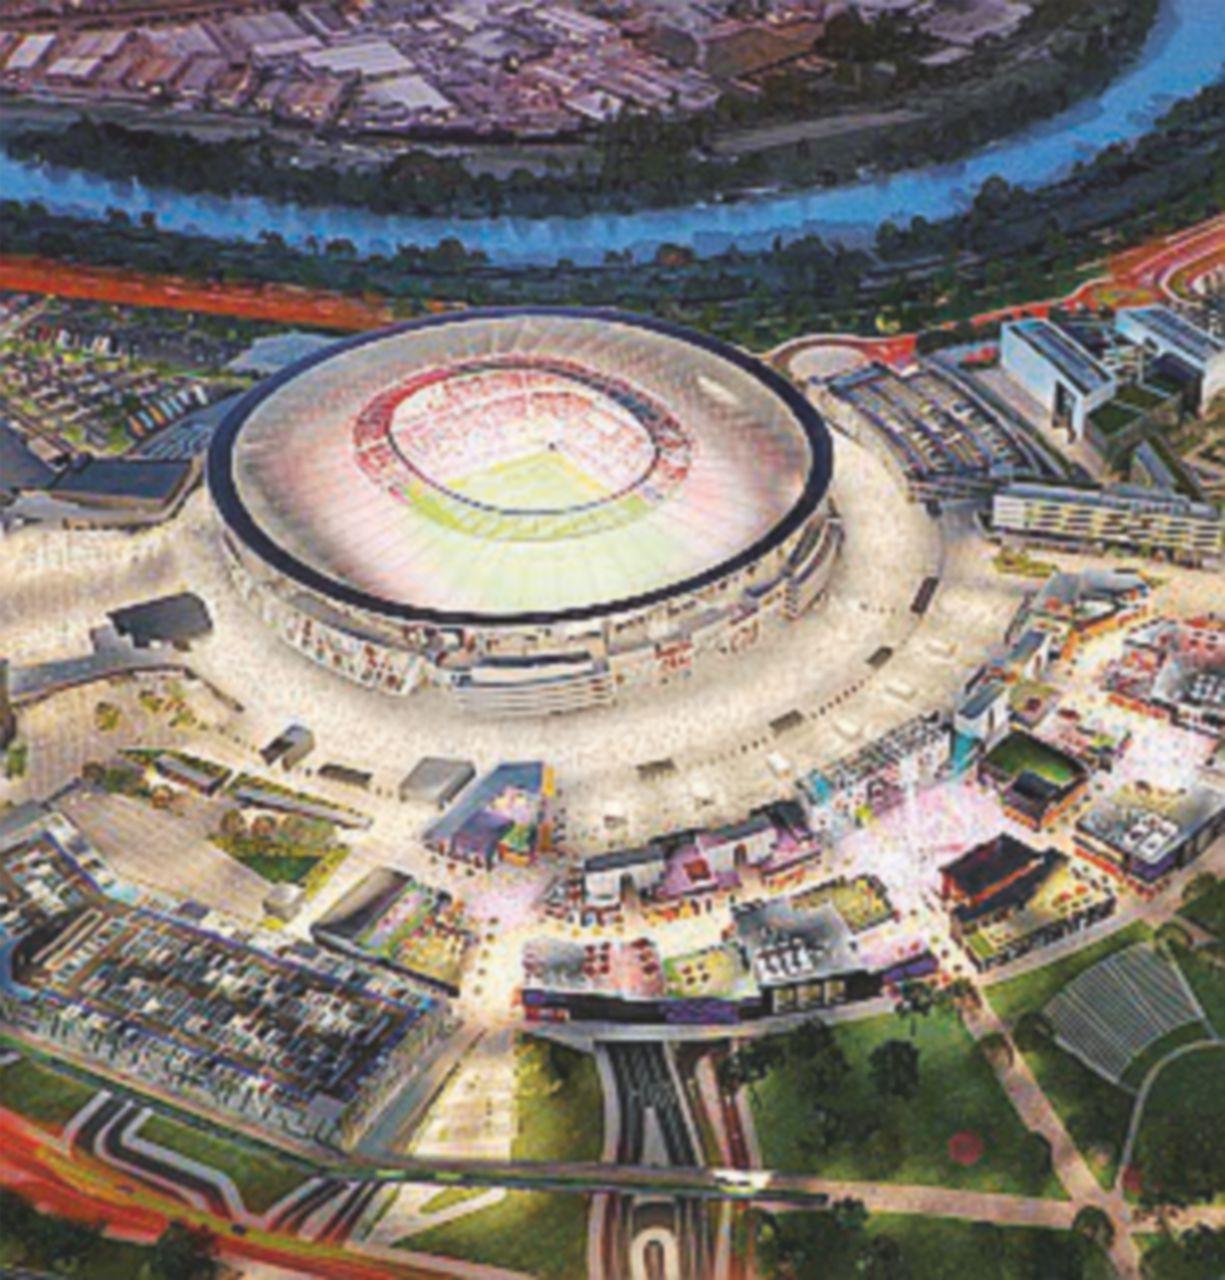 Lo stadio rimandato a settembre: senza ponte sul Tevere salta tutto